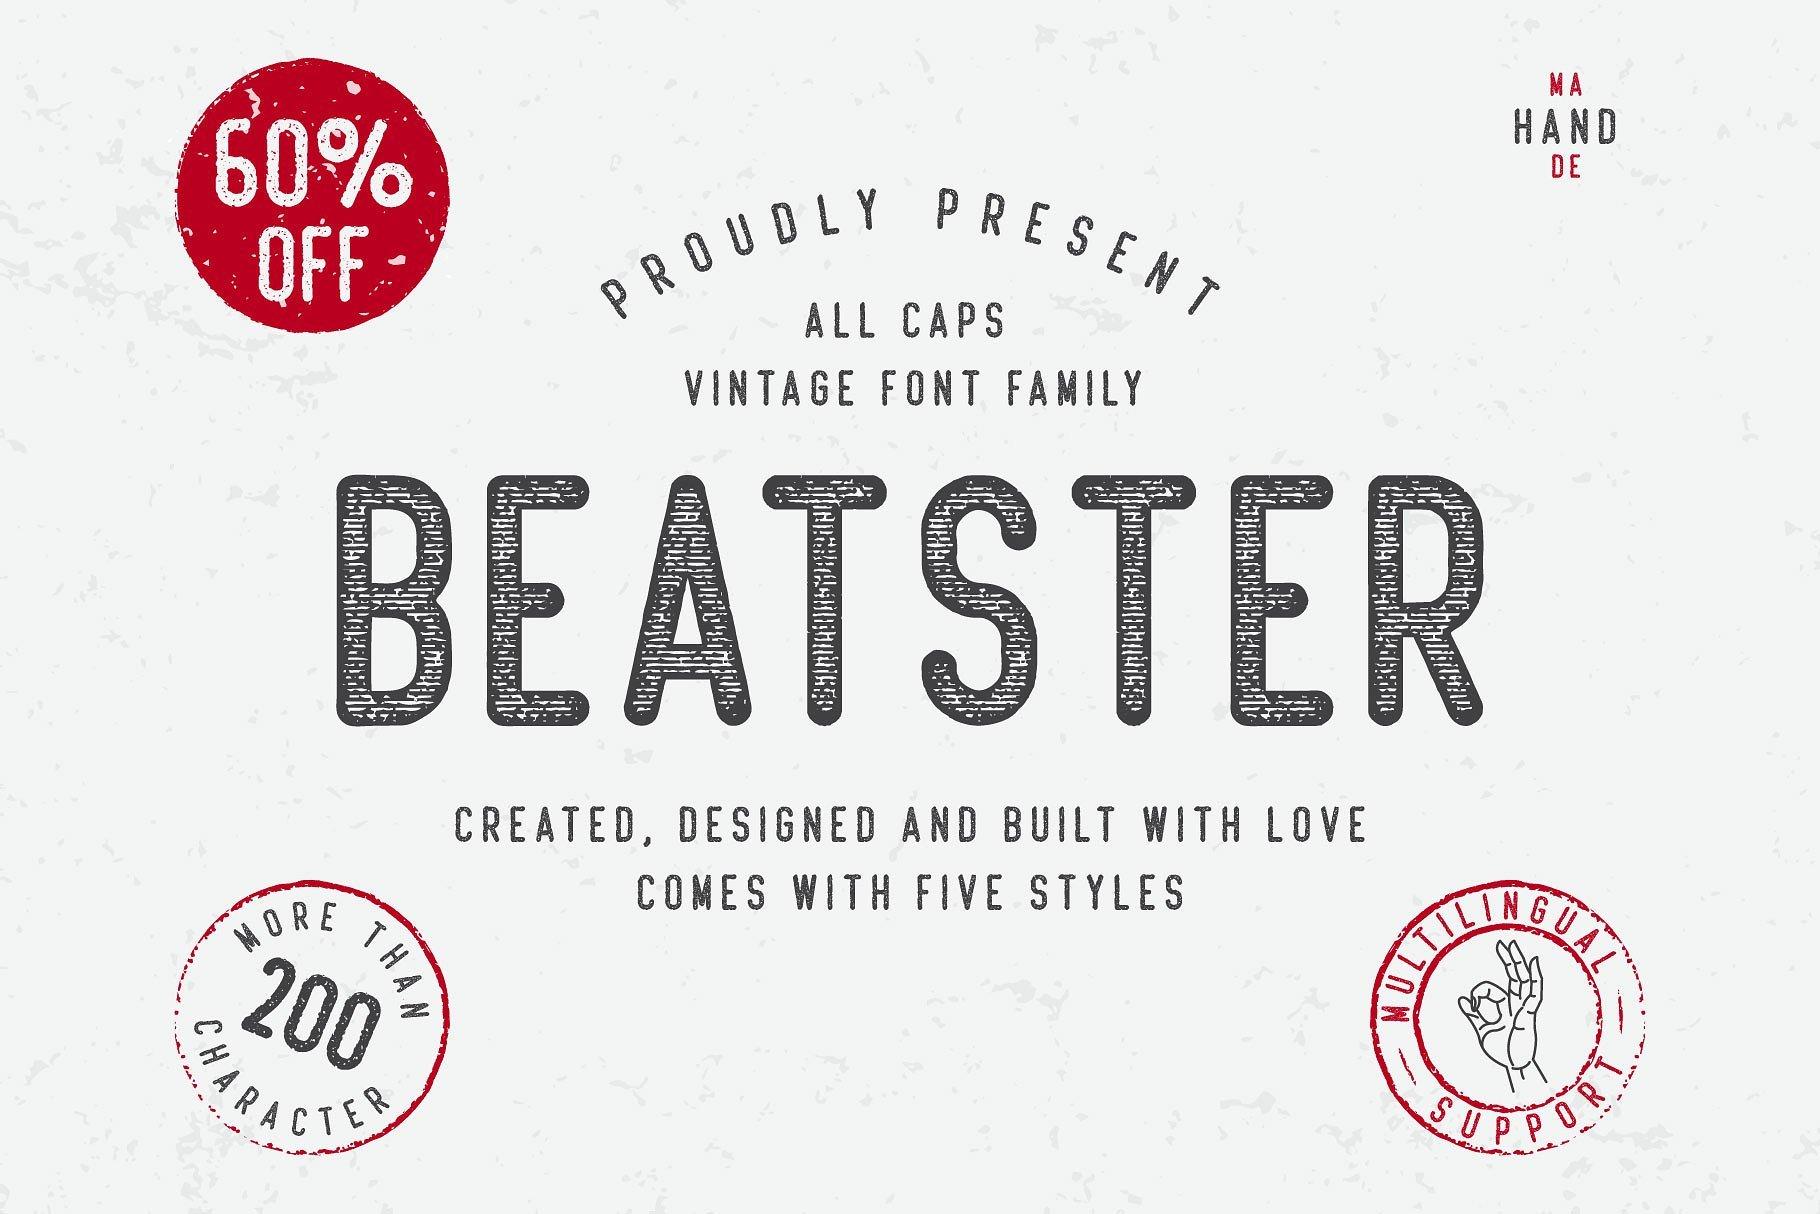 https://fontclarity.com/wp-content/uploads/2019/09/beatster-typeface-download-0.jpg Free Download